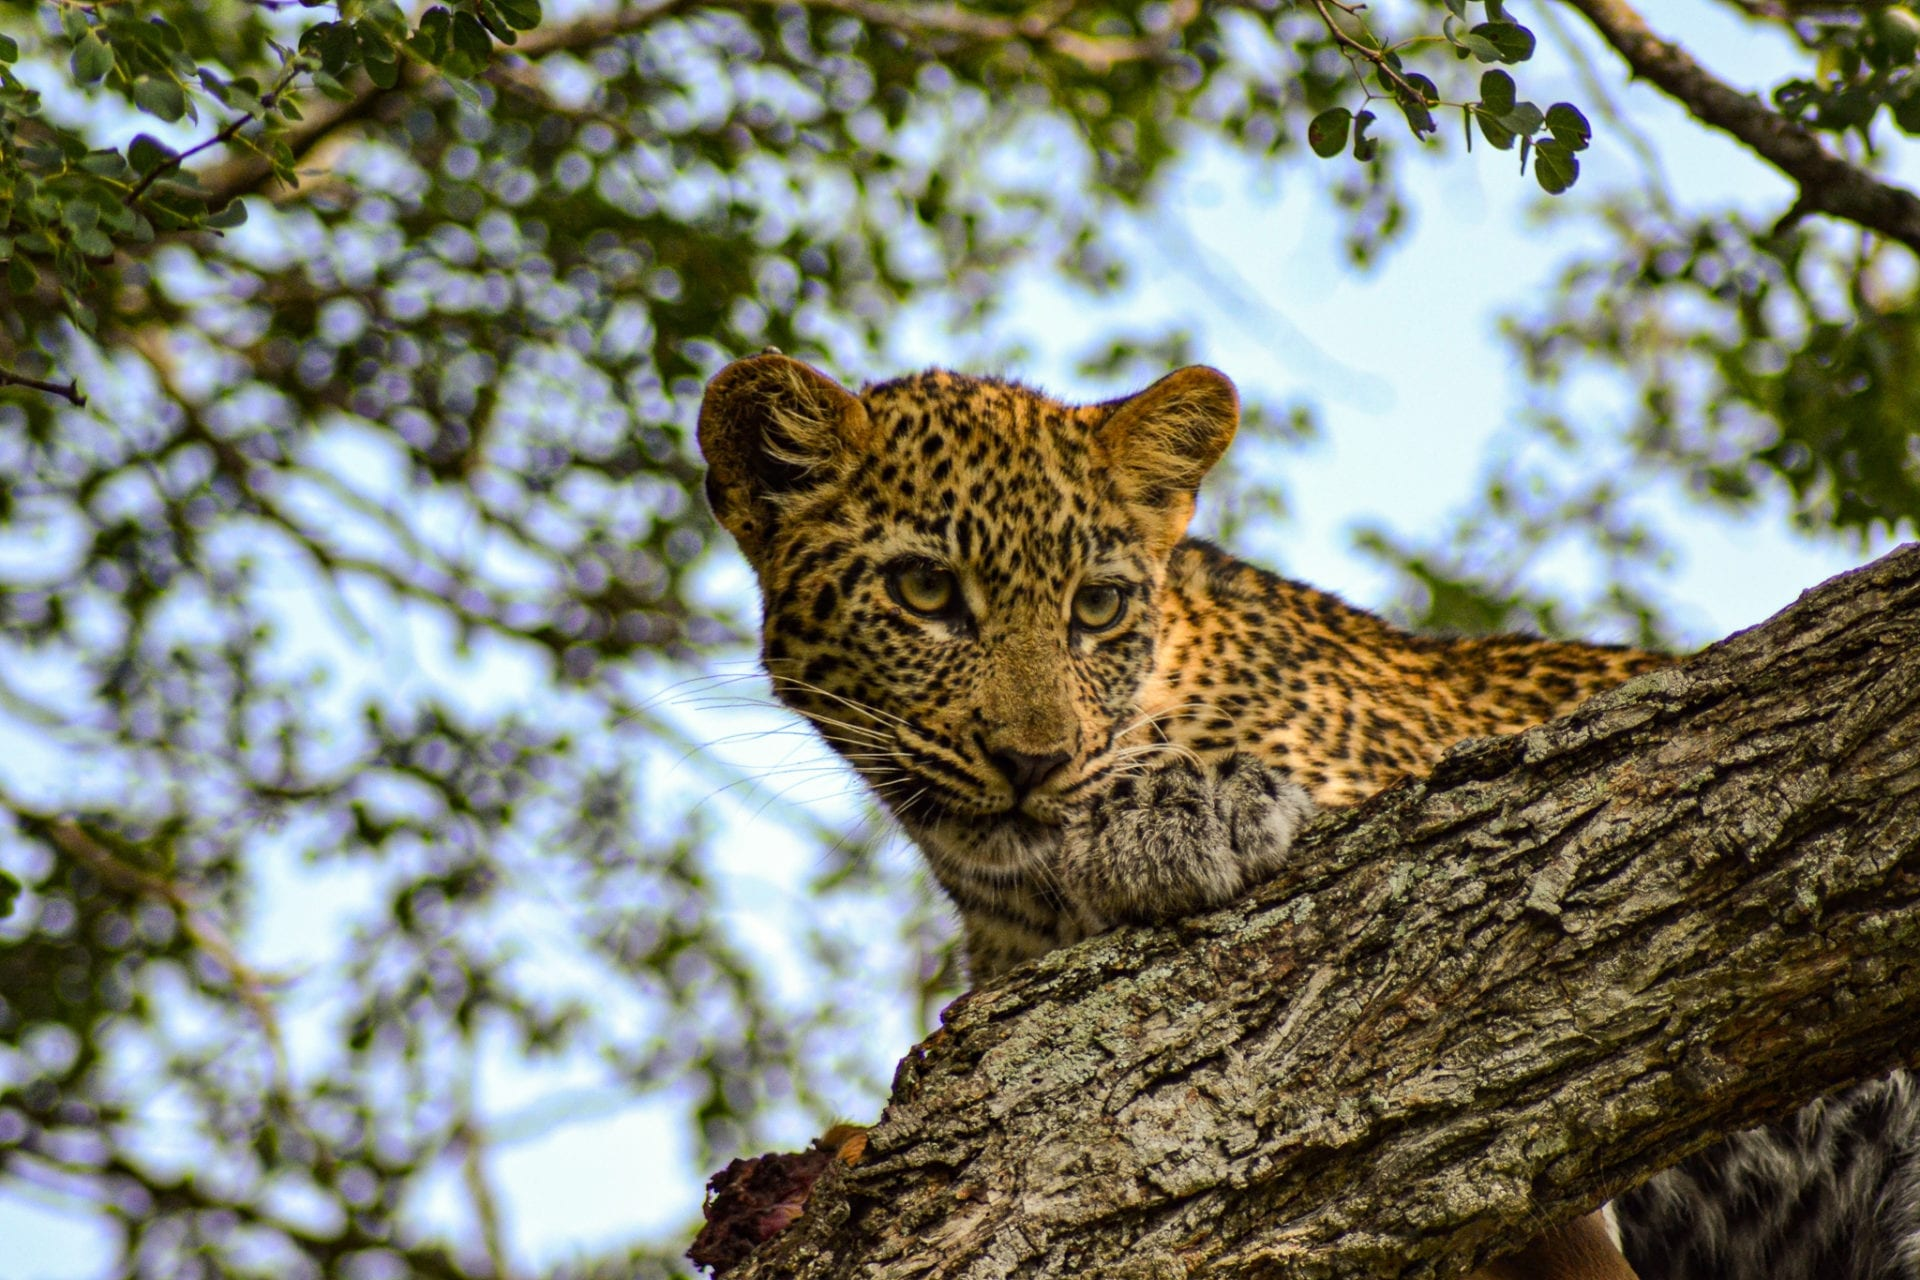 får man resa till Tanzania och se leoparder som denna